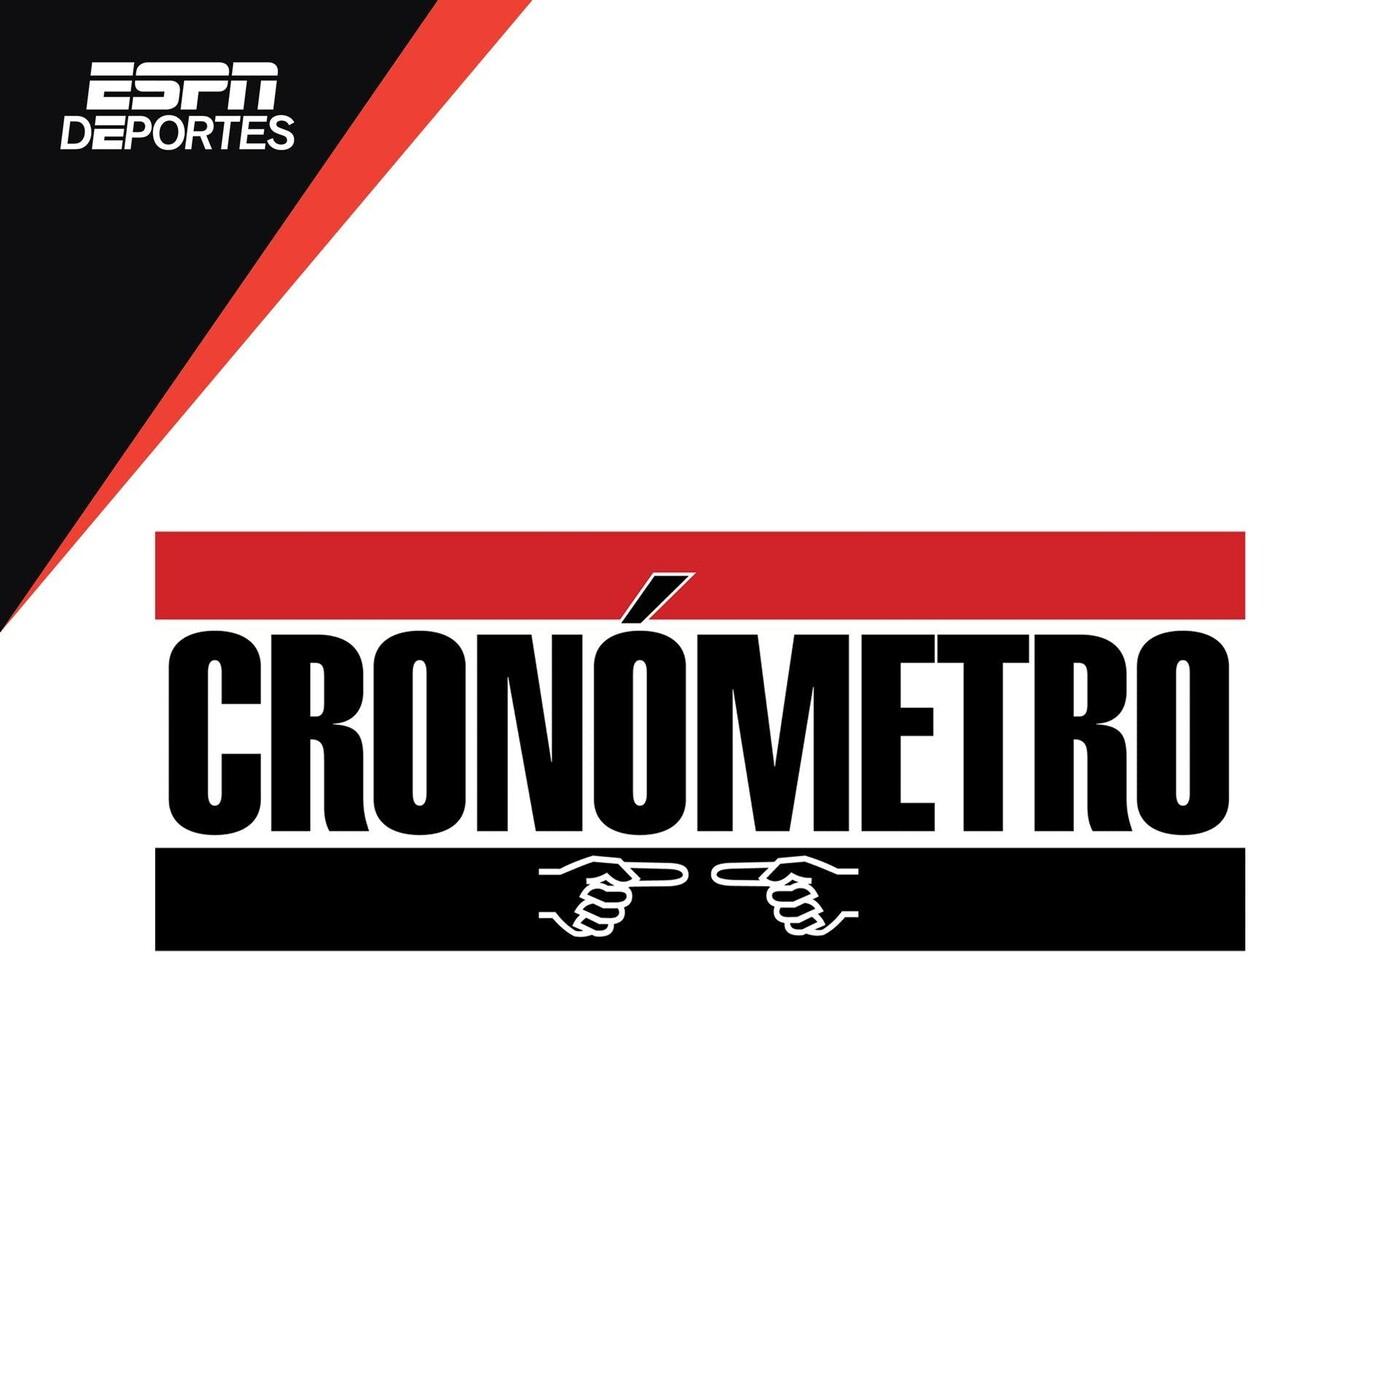 ESPN Deportes: Cronómetro